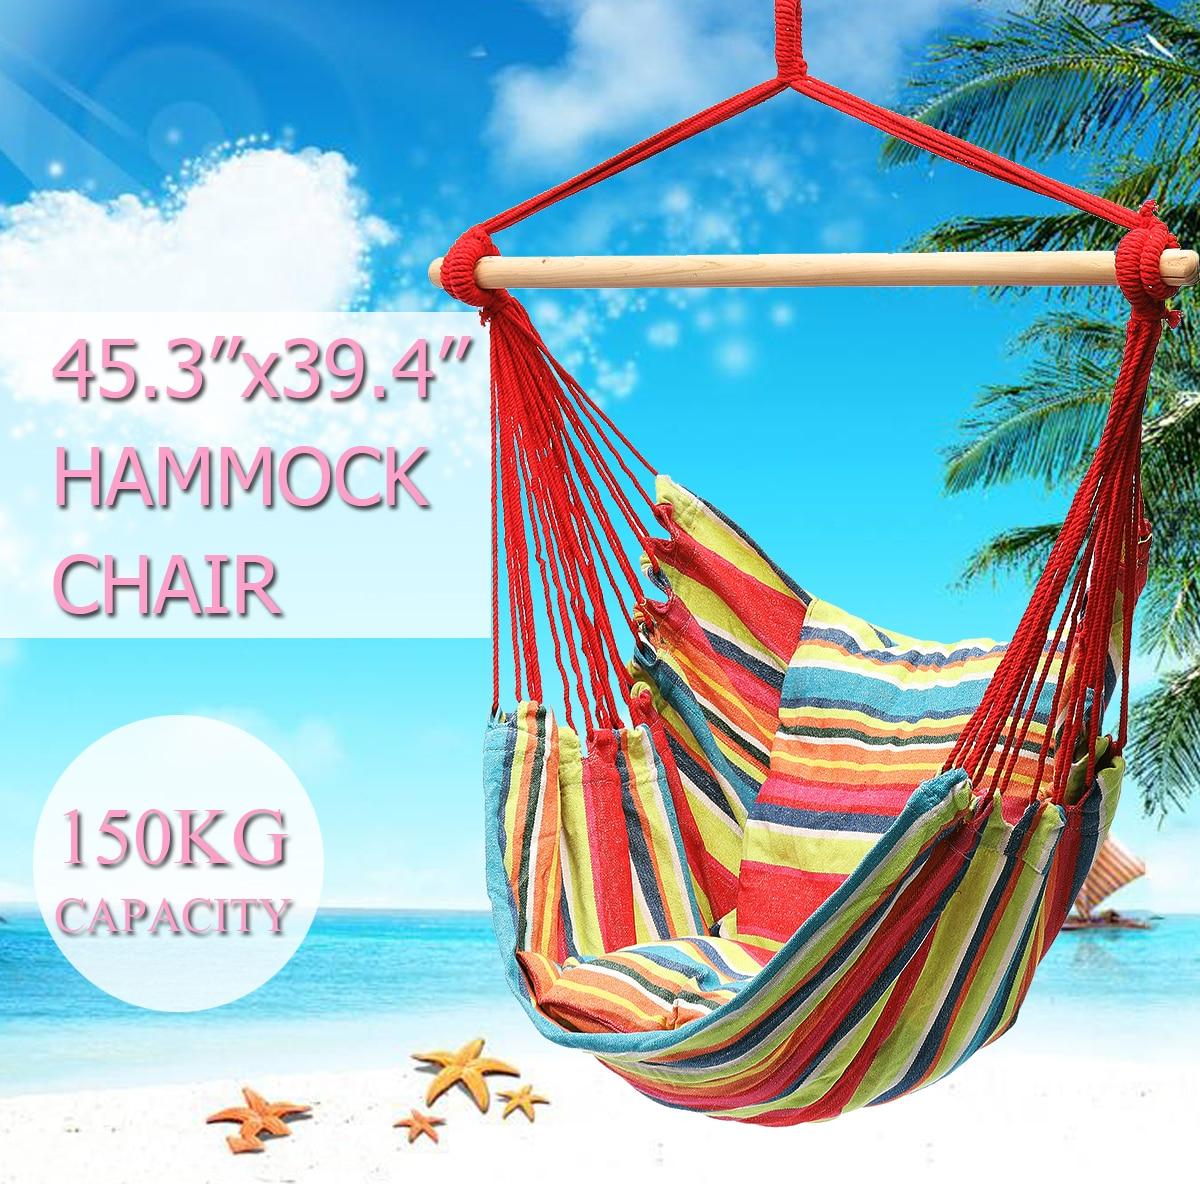 Mode pendaison chaise oscillante intérieur mobilier d'extérieur hamacs chaise toile dortoir jardin balançoire + 2 oreillers hamac Camping